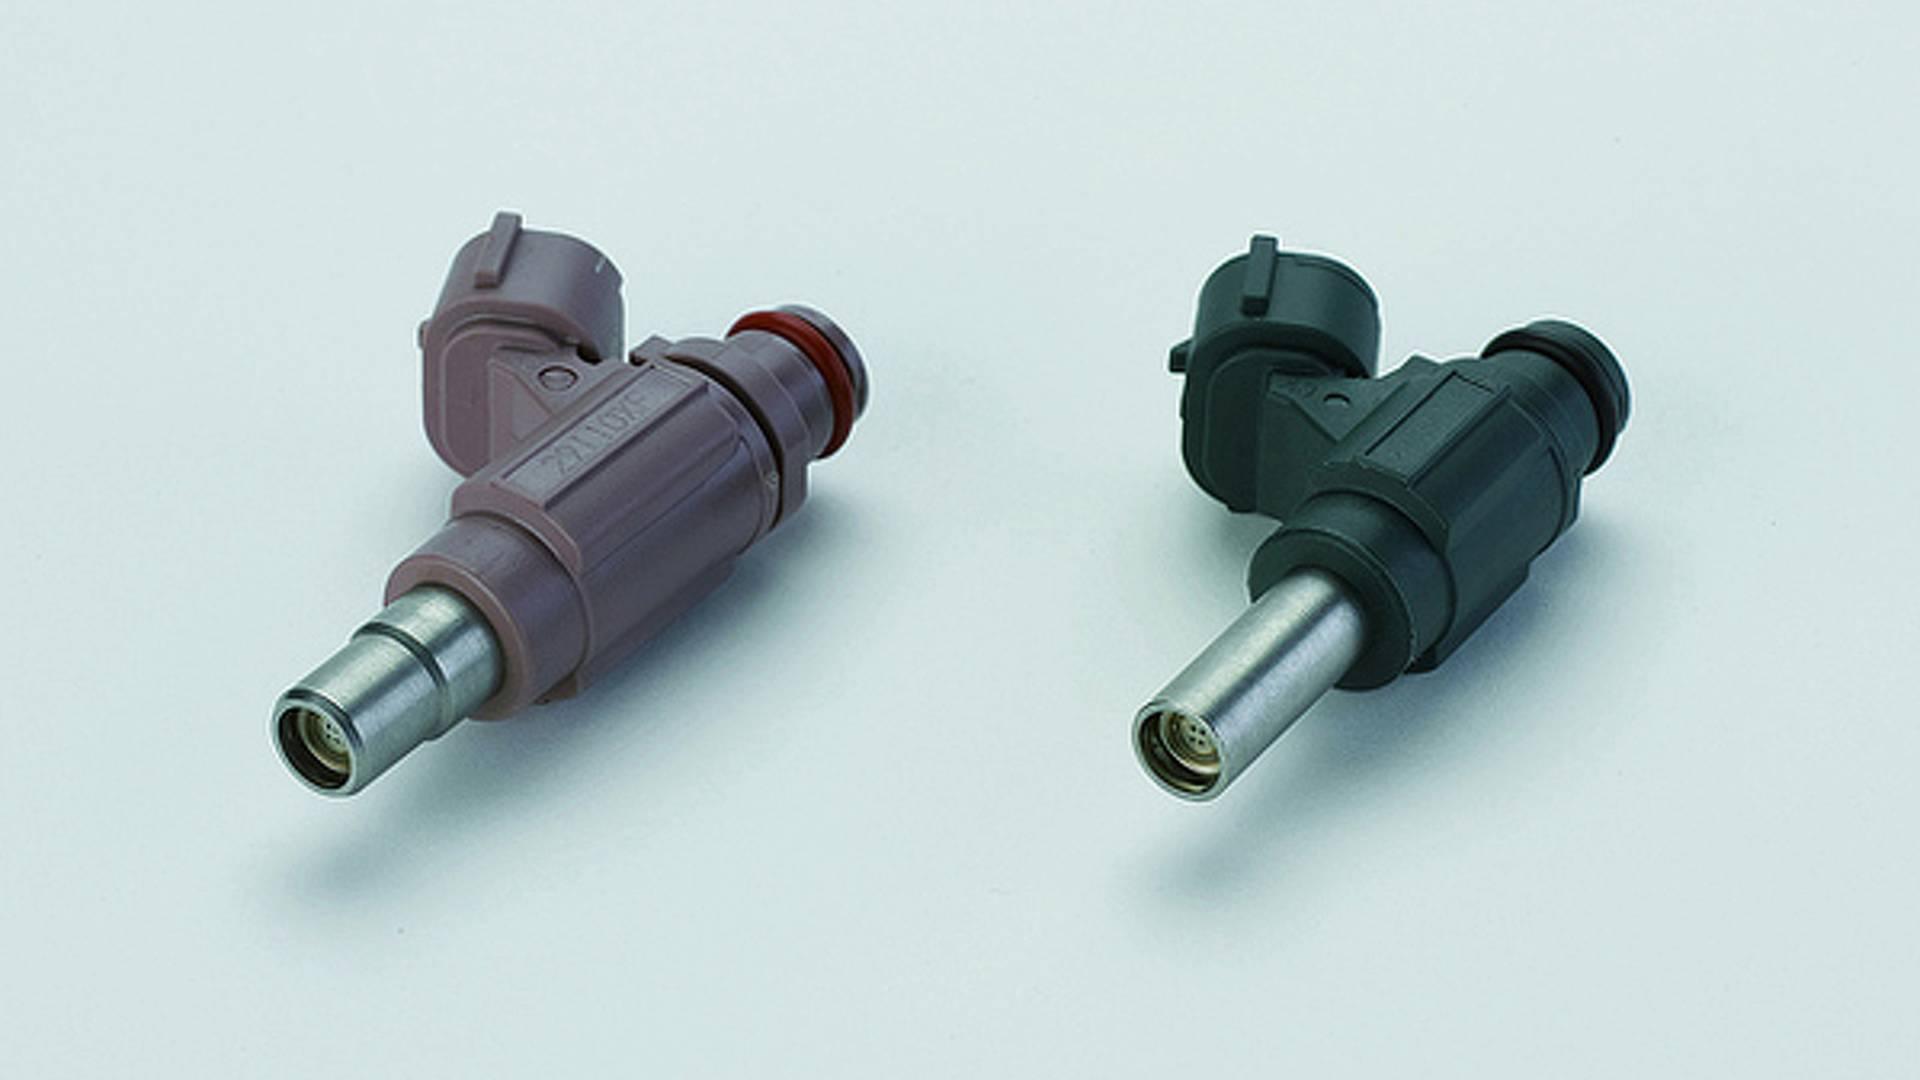 2012 Kawasaki Kx250 Dual Fuel Injectors Explained Kx250f 2009 Workshop Manual Basic Instruction